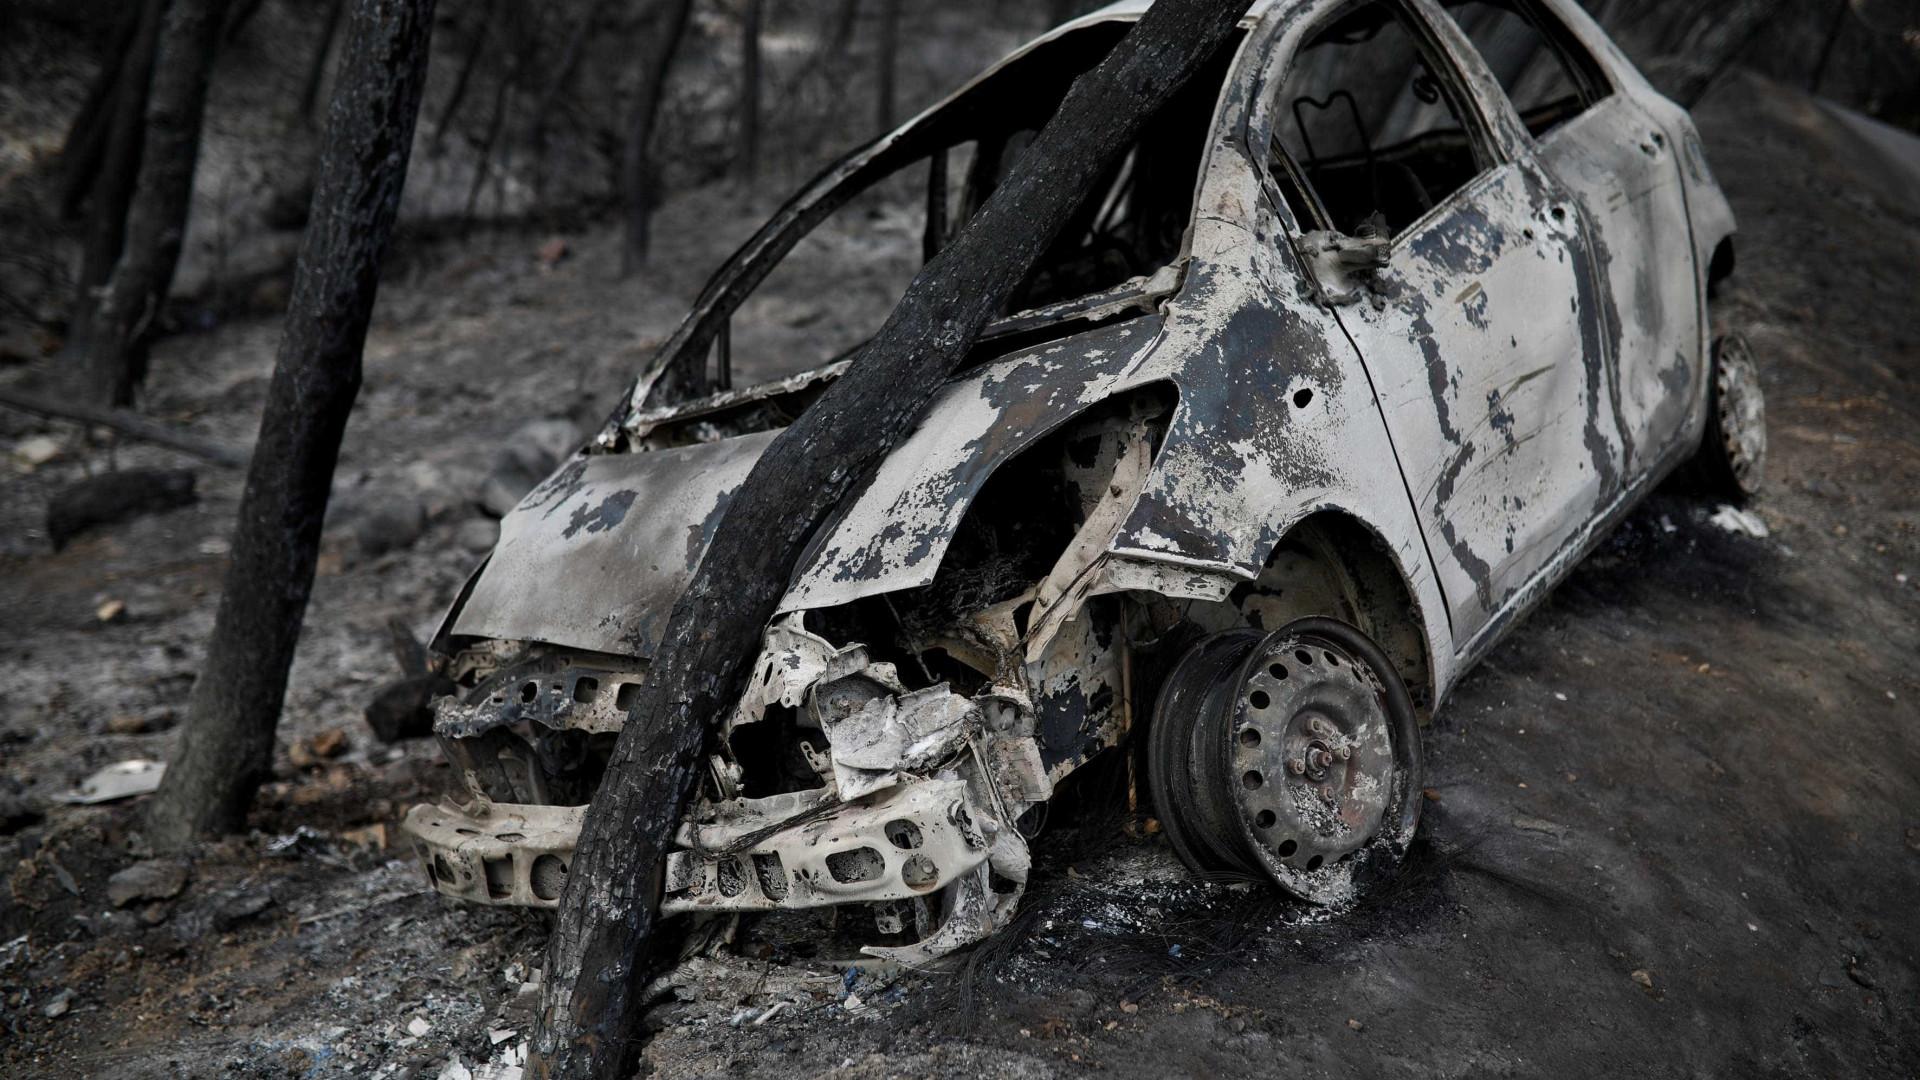 Suposto golpe do seguro de carro provocou incêndio em reserva no Rio